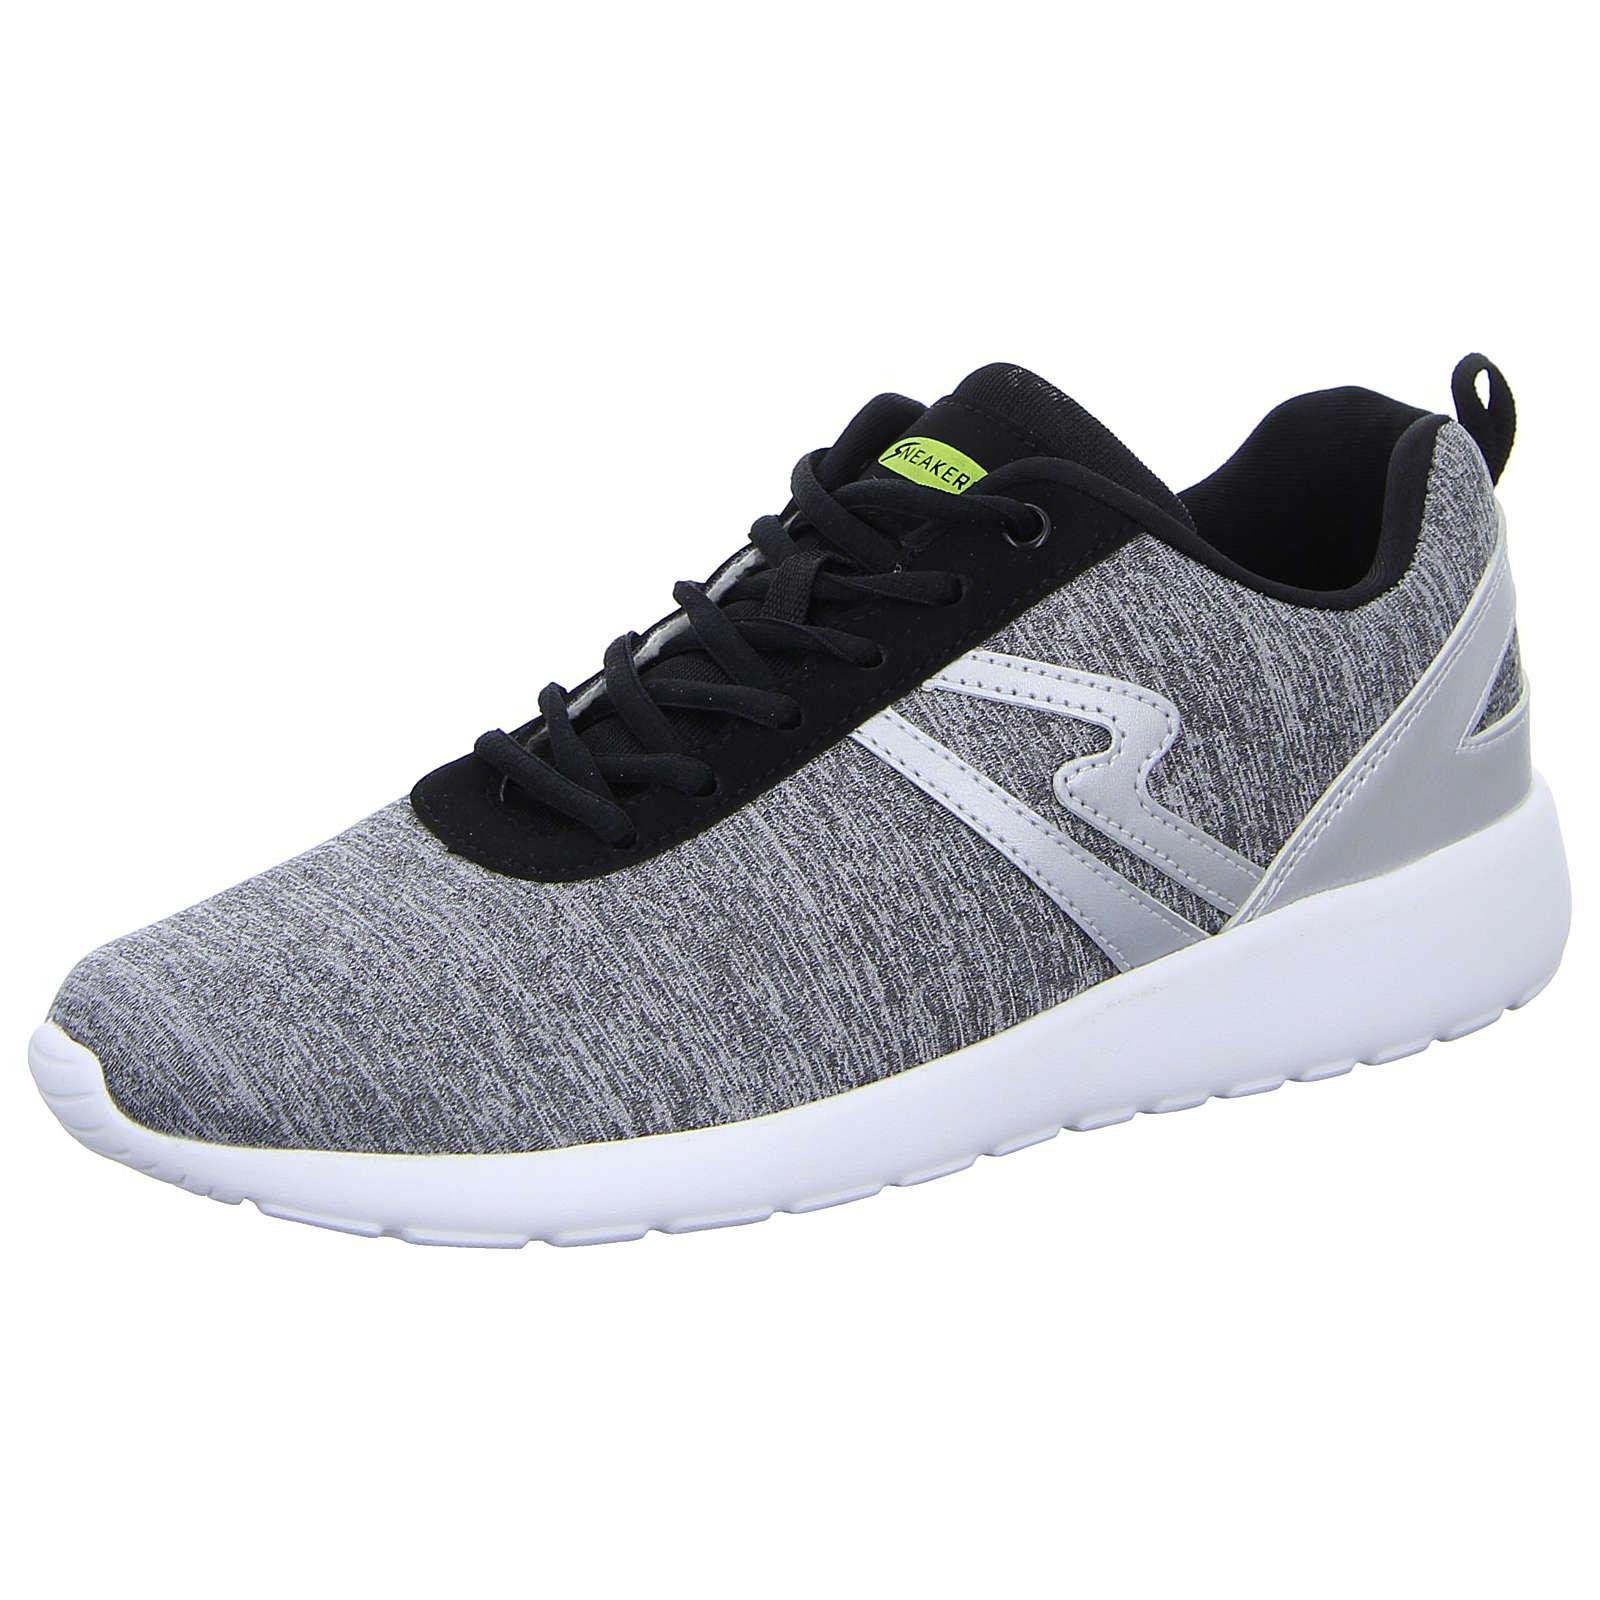 Sneakers Sneakers grau Herren Gr. 44